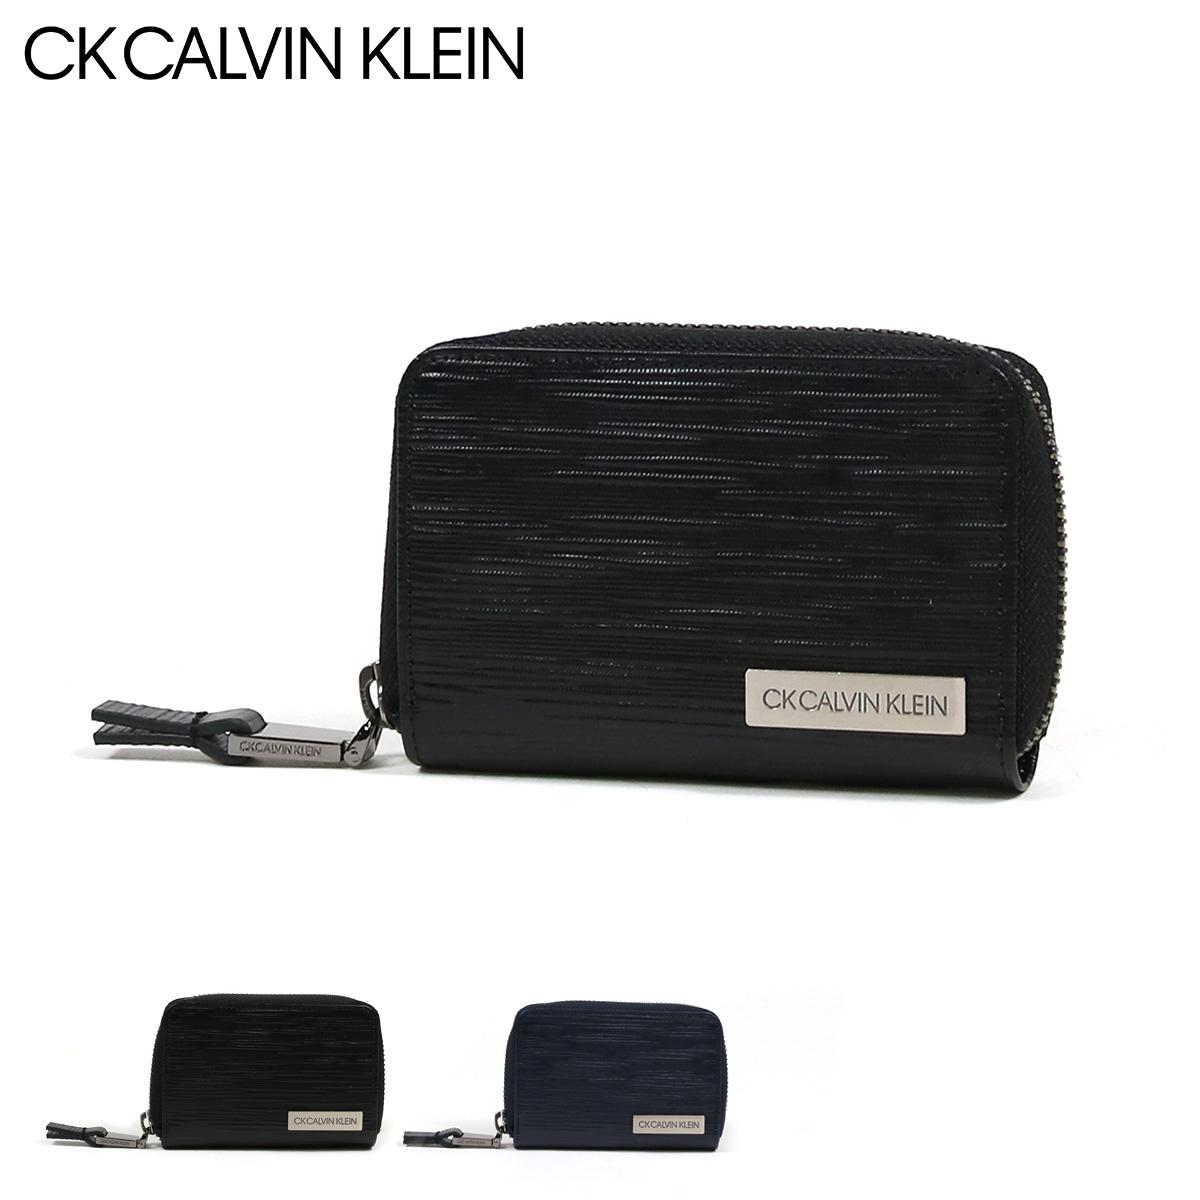 シーケーカルバンクライン キーケース スマートキー タットII メンズ 808612 CK CALVIN KLEIN | ラウンドファスナー 本革 レザー ブランド専用BOX付き